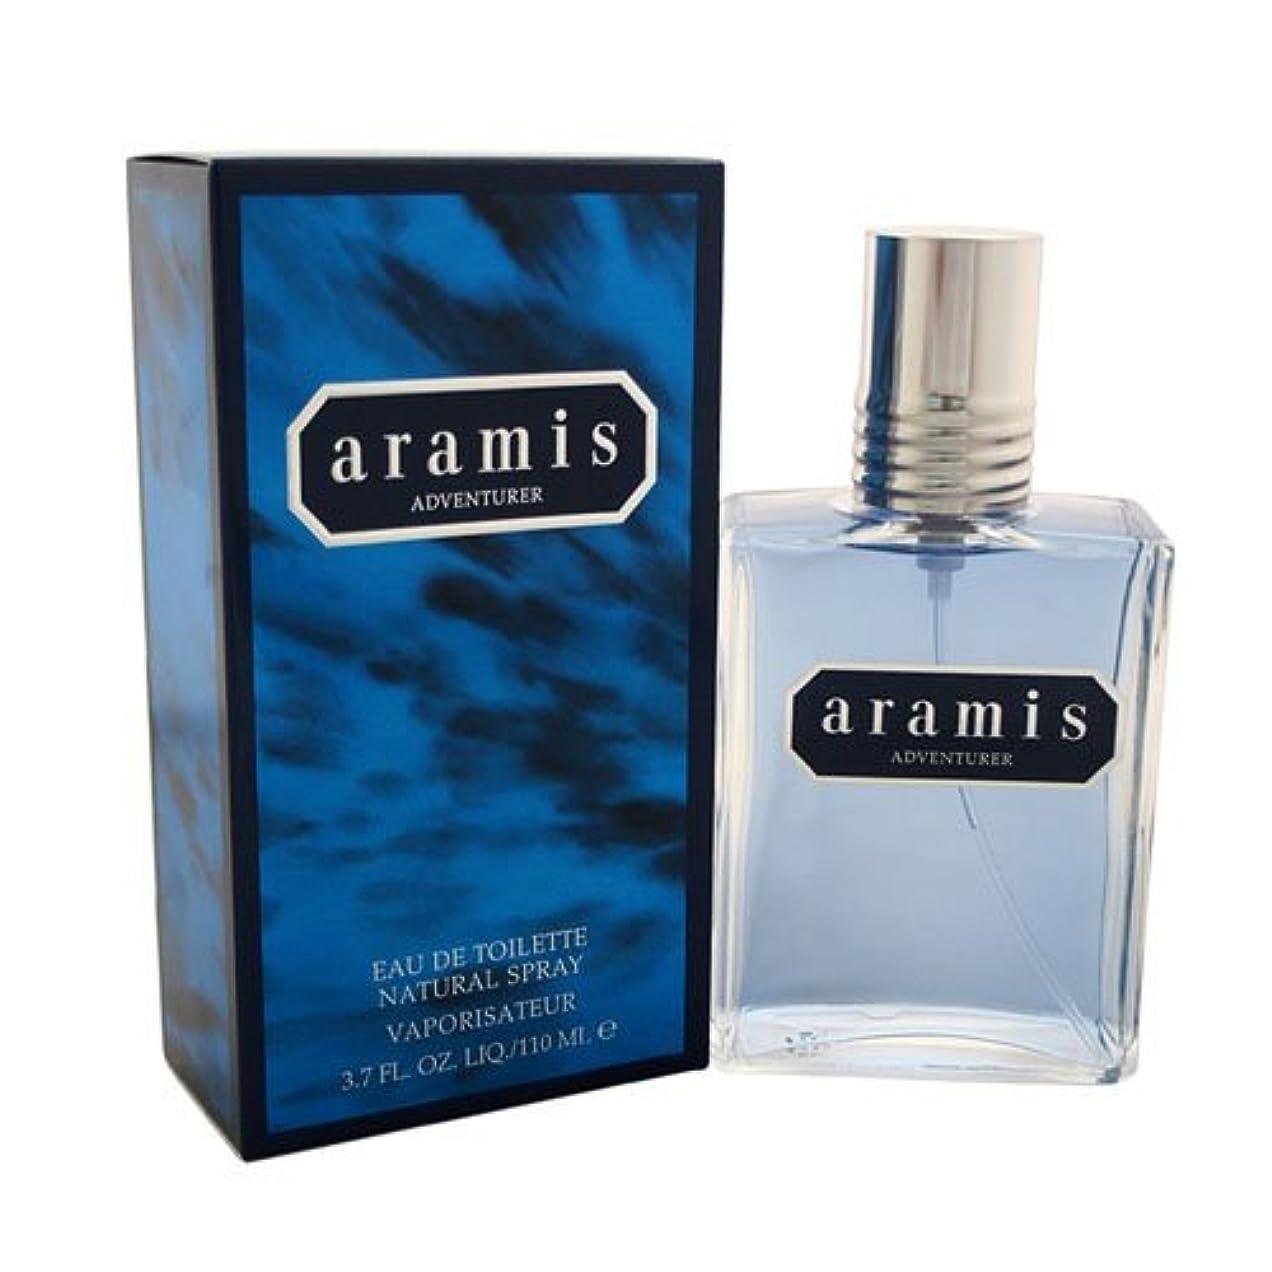 少数入浴アラブ人アラミス(ARAMIS) アドベンチャー EDT SP 110ml[並行輸入品]